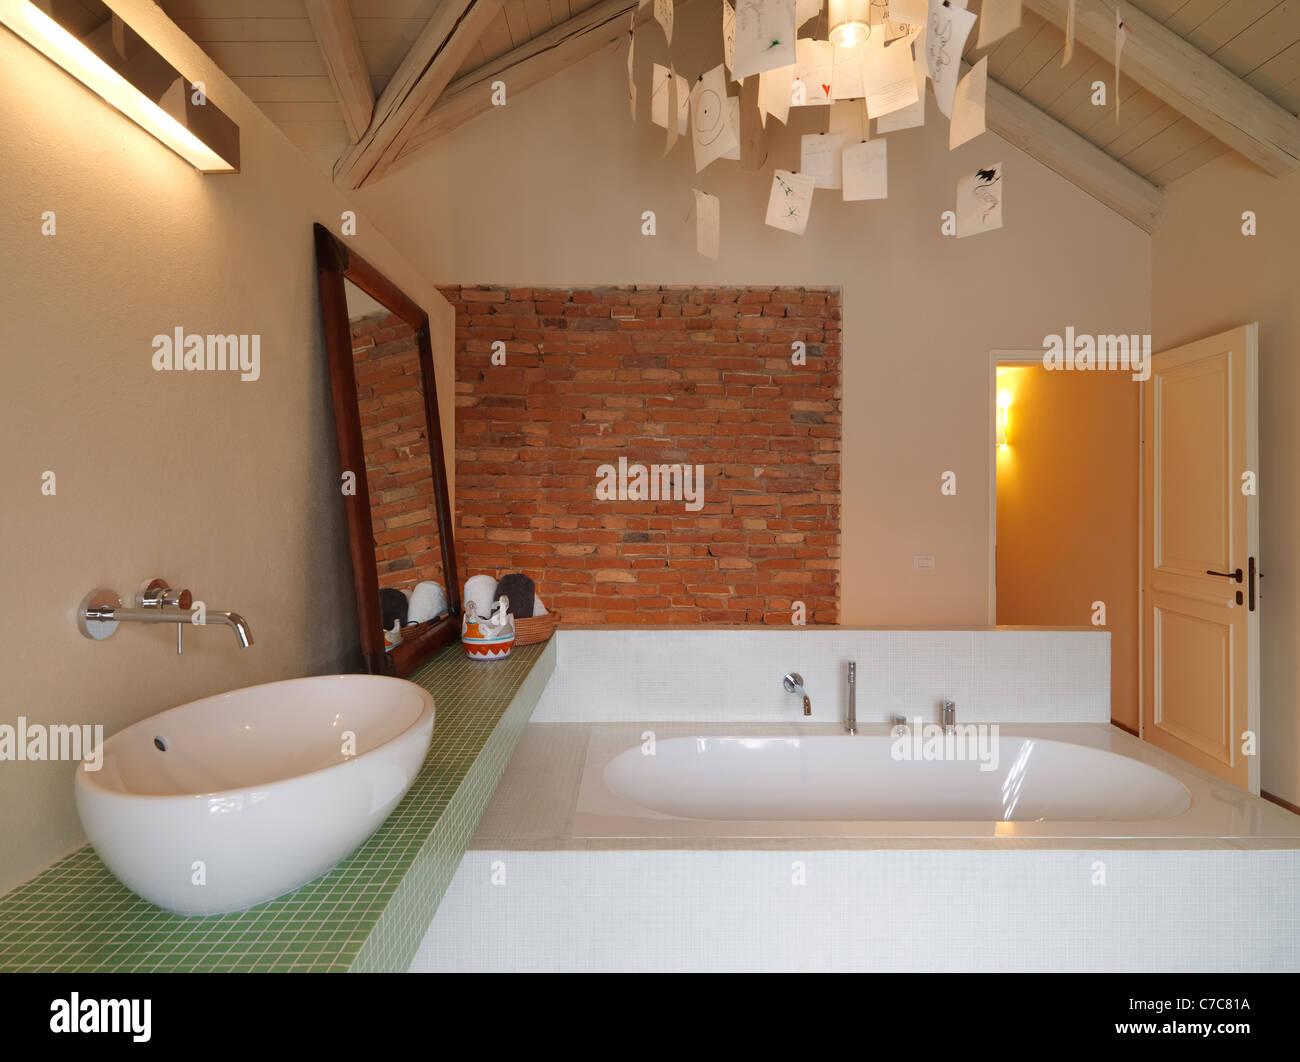 Salle De Bain Brique salle de bains moderne dans le grenier avec plafond en bois